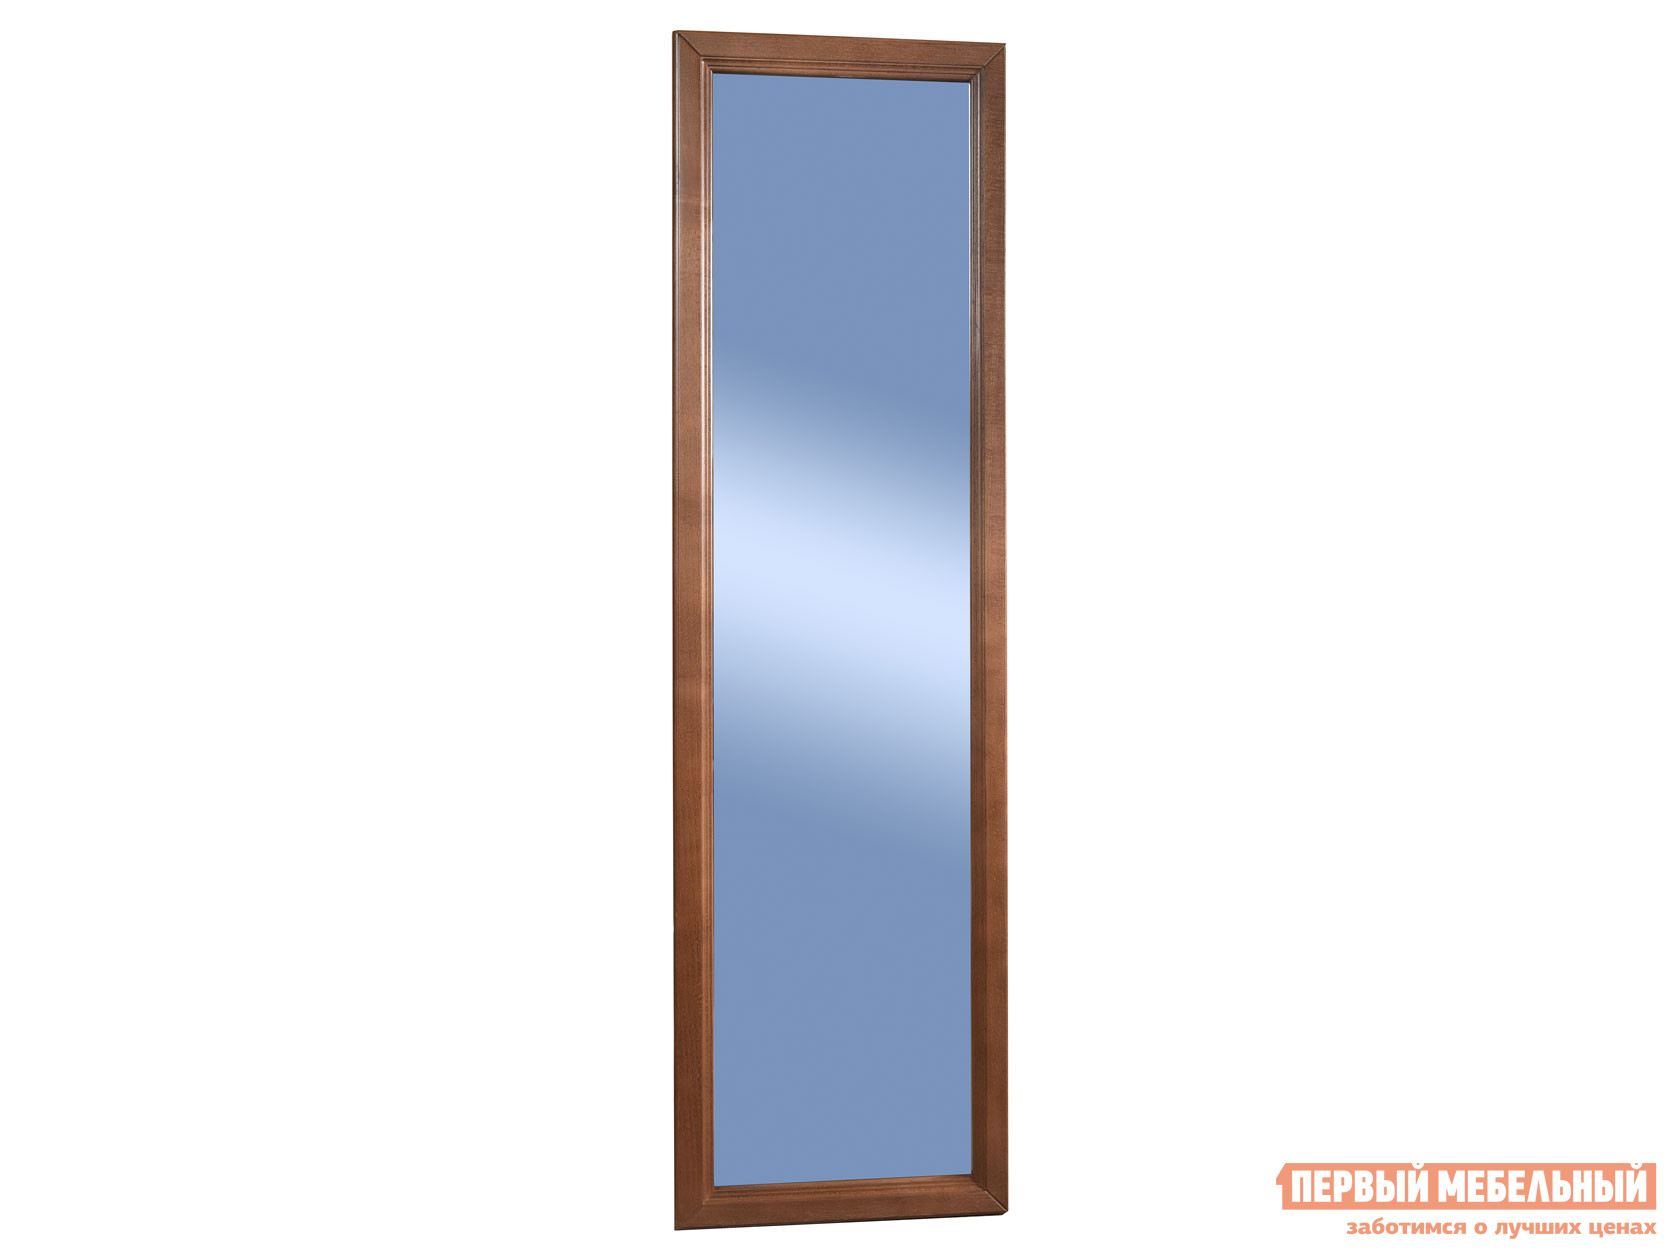 Настенное зеркало  Зеркало настенное Селена Средне-коричневый